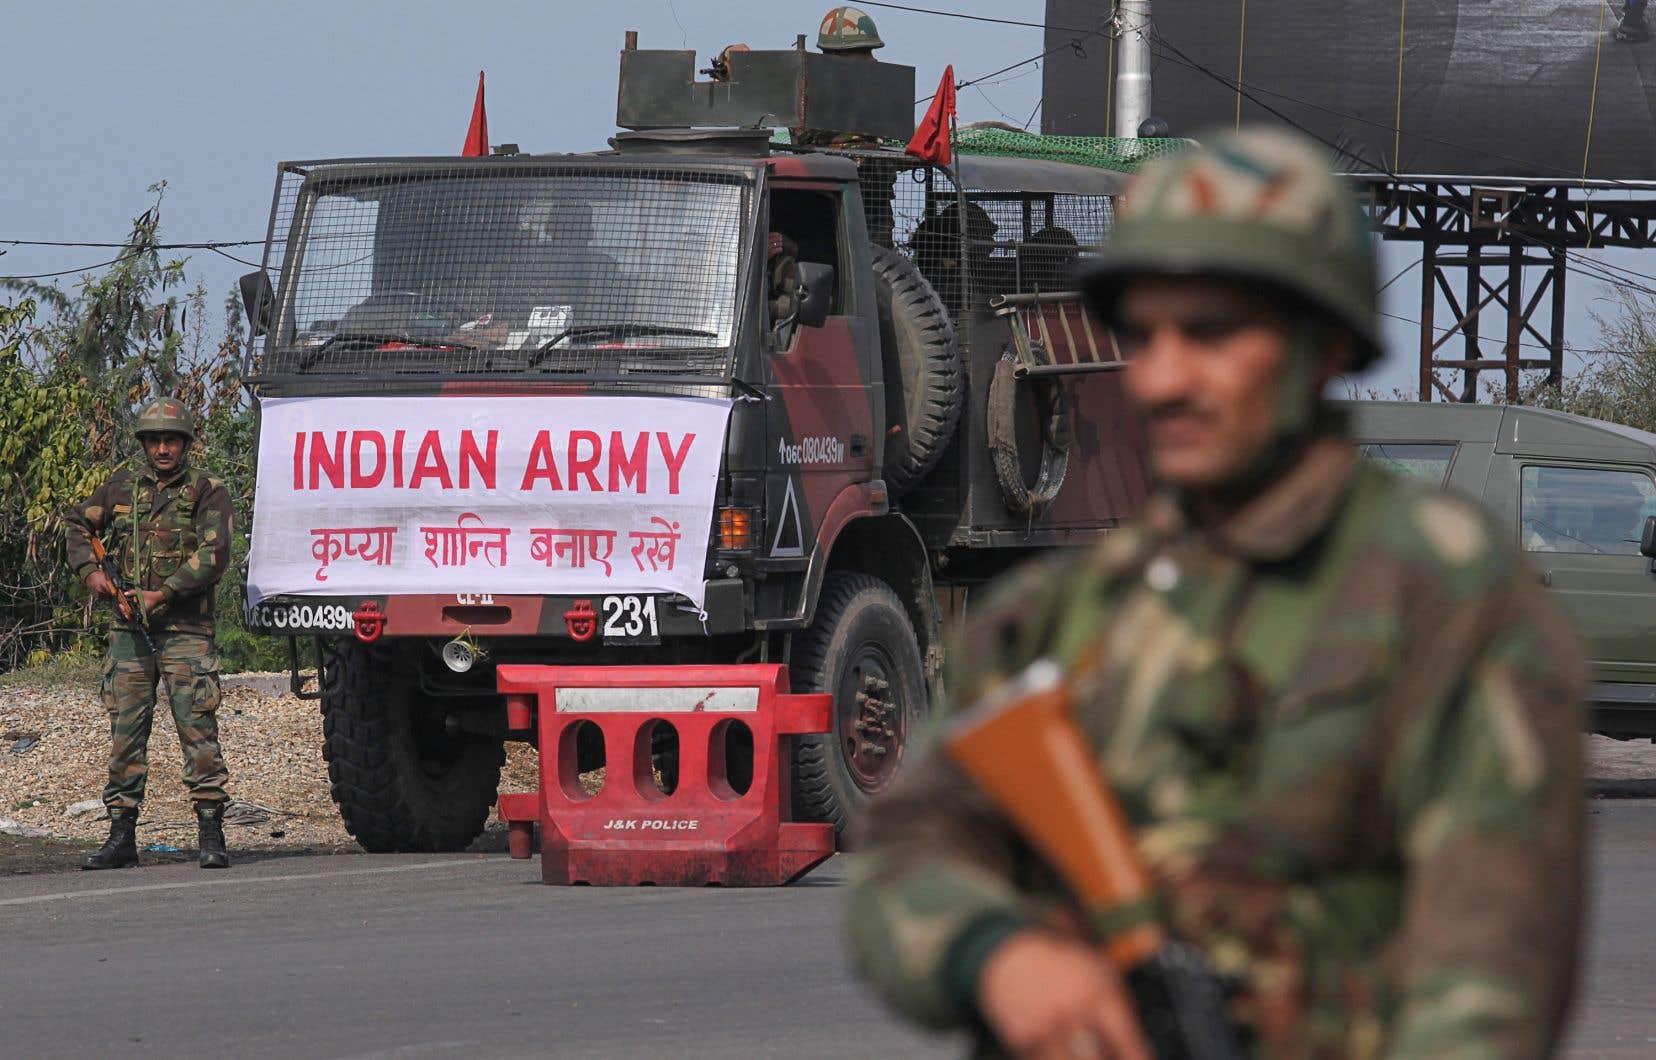 Les forces indiennes dans la partie du Cachemire sous contrôle de New Delhi sont estimées à un demi-million d'hommes, ce qui en fait l'une des zones les plus militarisées du monde.